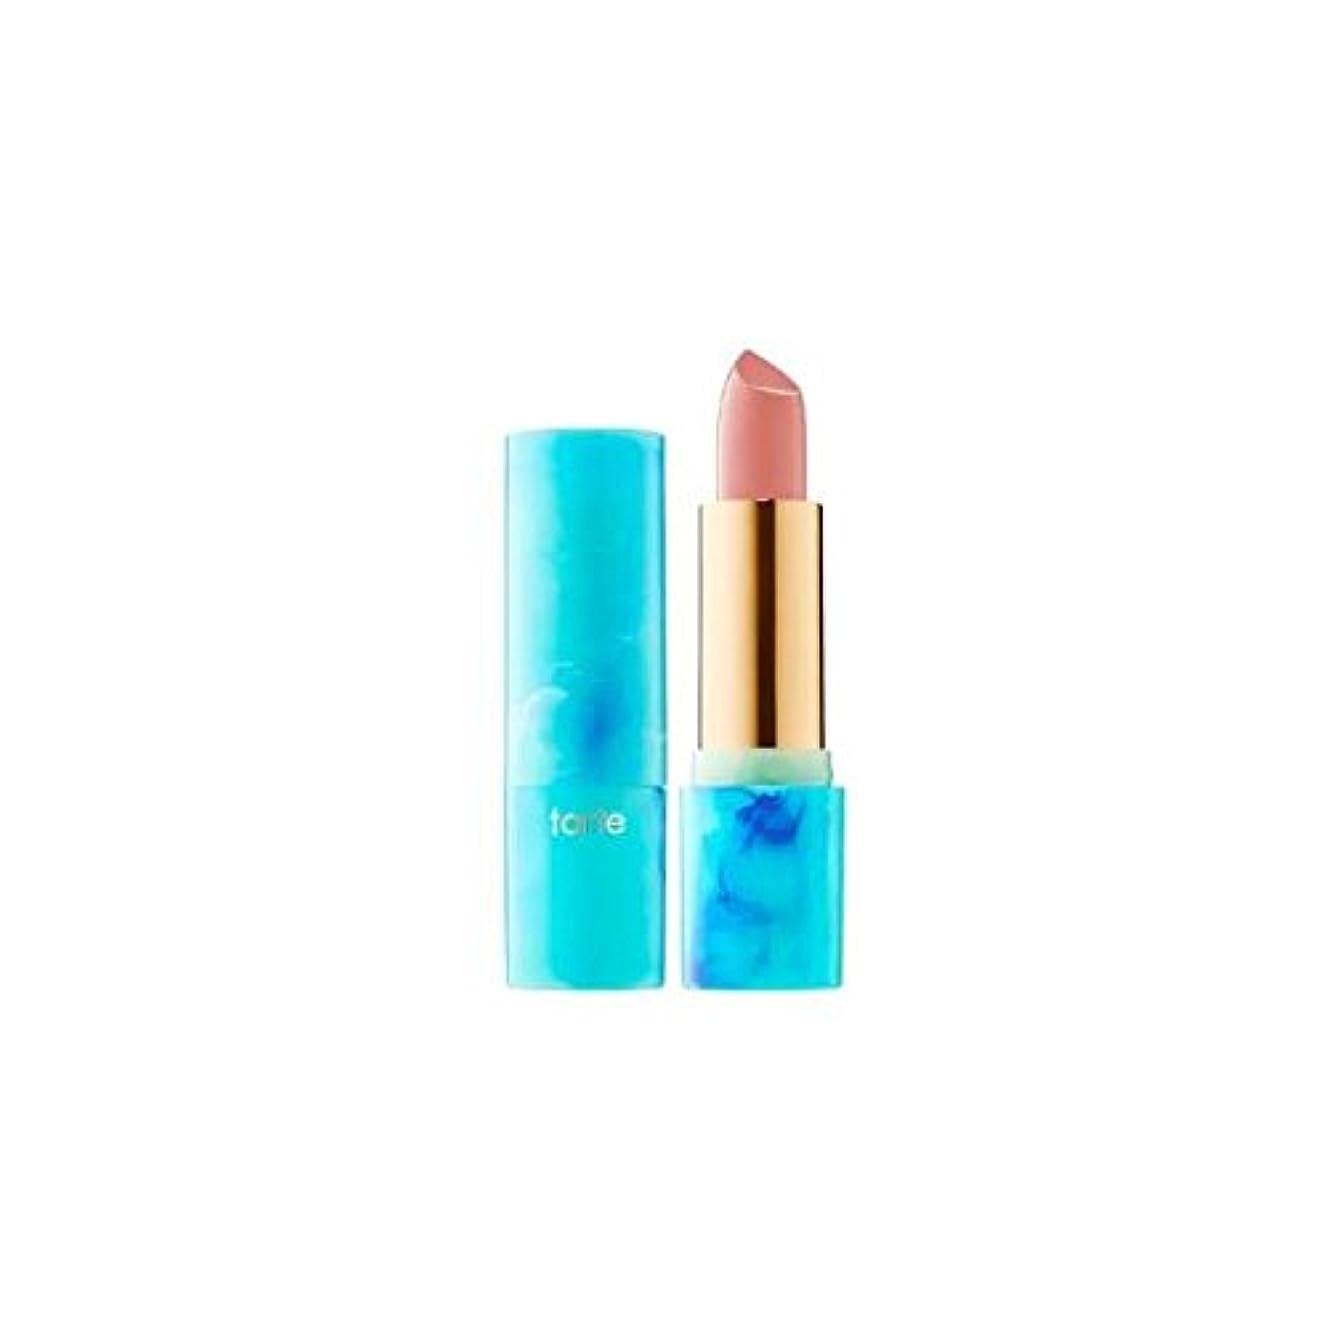 肩をすくめる残酷ドナウ川tarteタルト リップ Color Splash Lipstick - Rainforest of the Sea Collection Satin finish